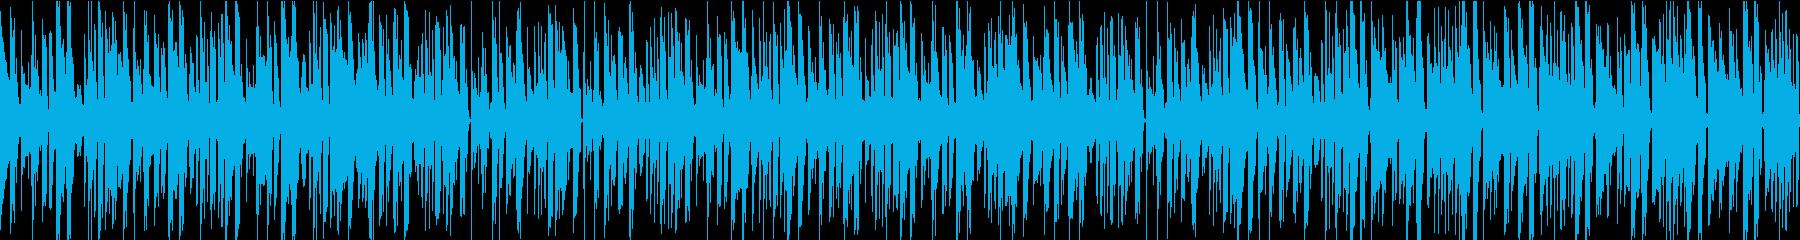 お洒落なジャズとベースのループBGMの再生済みの波形